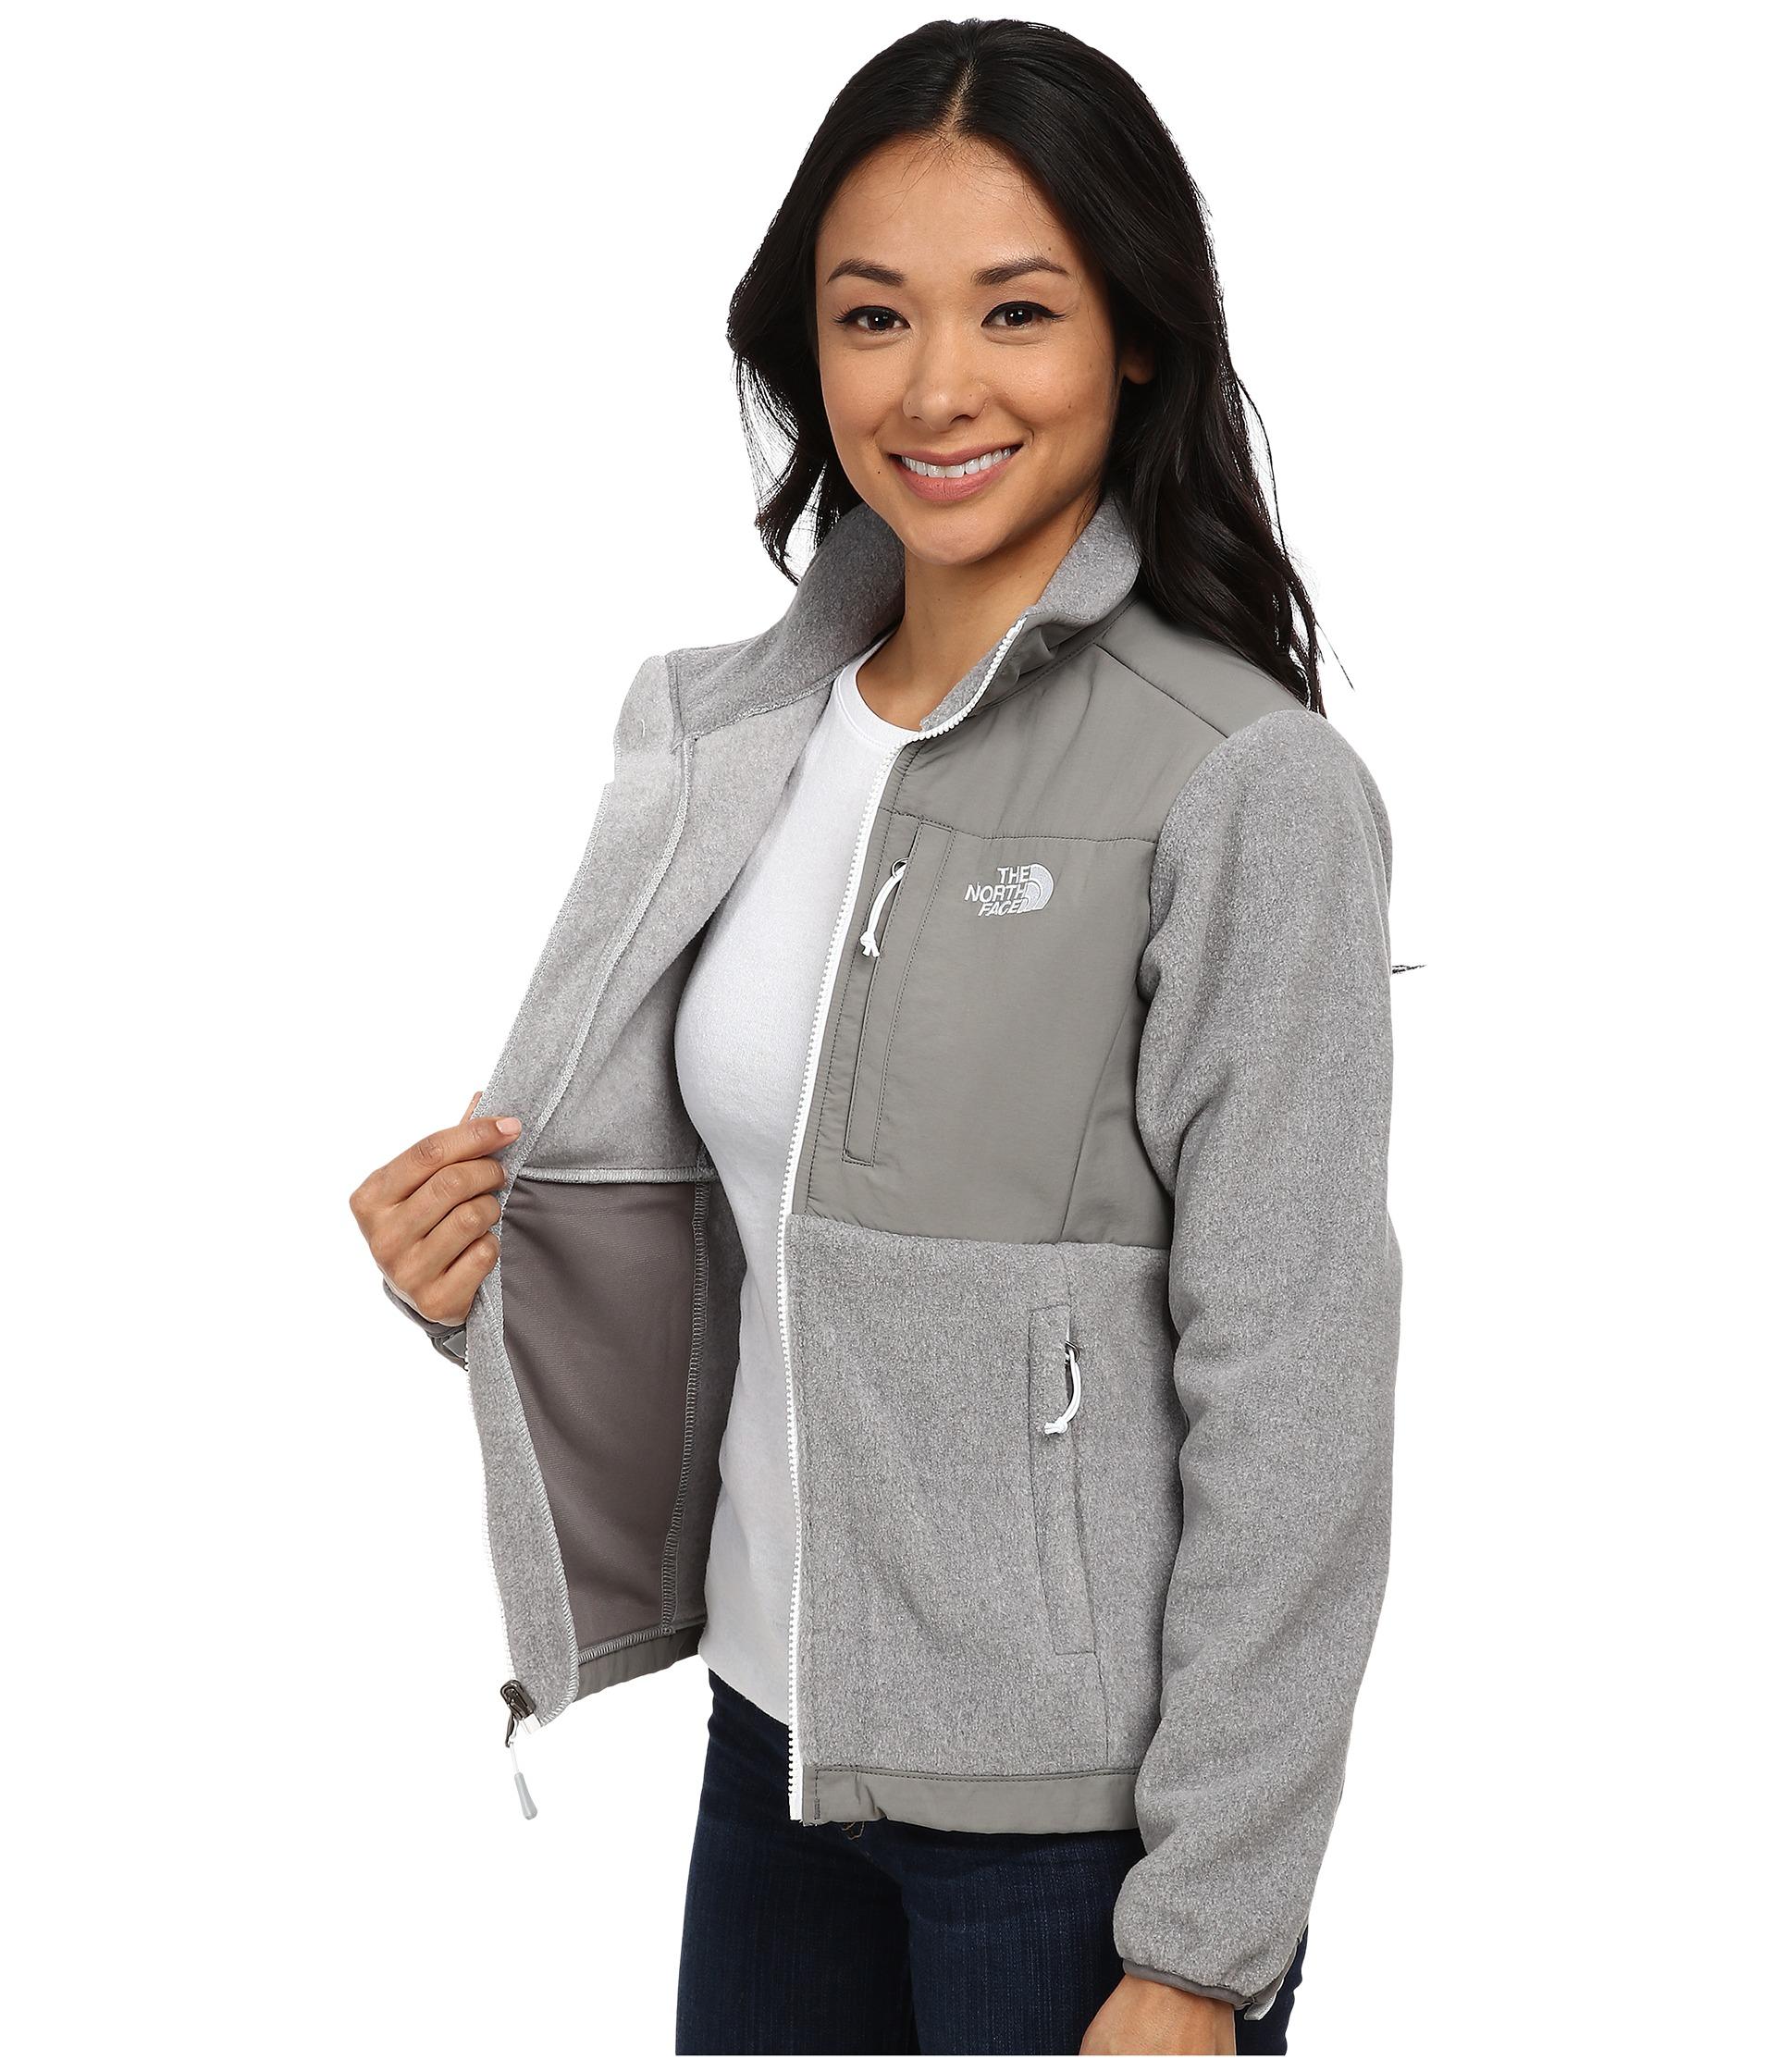 North face jackets denali womens cheap